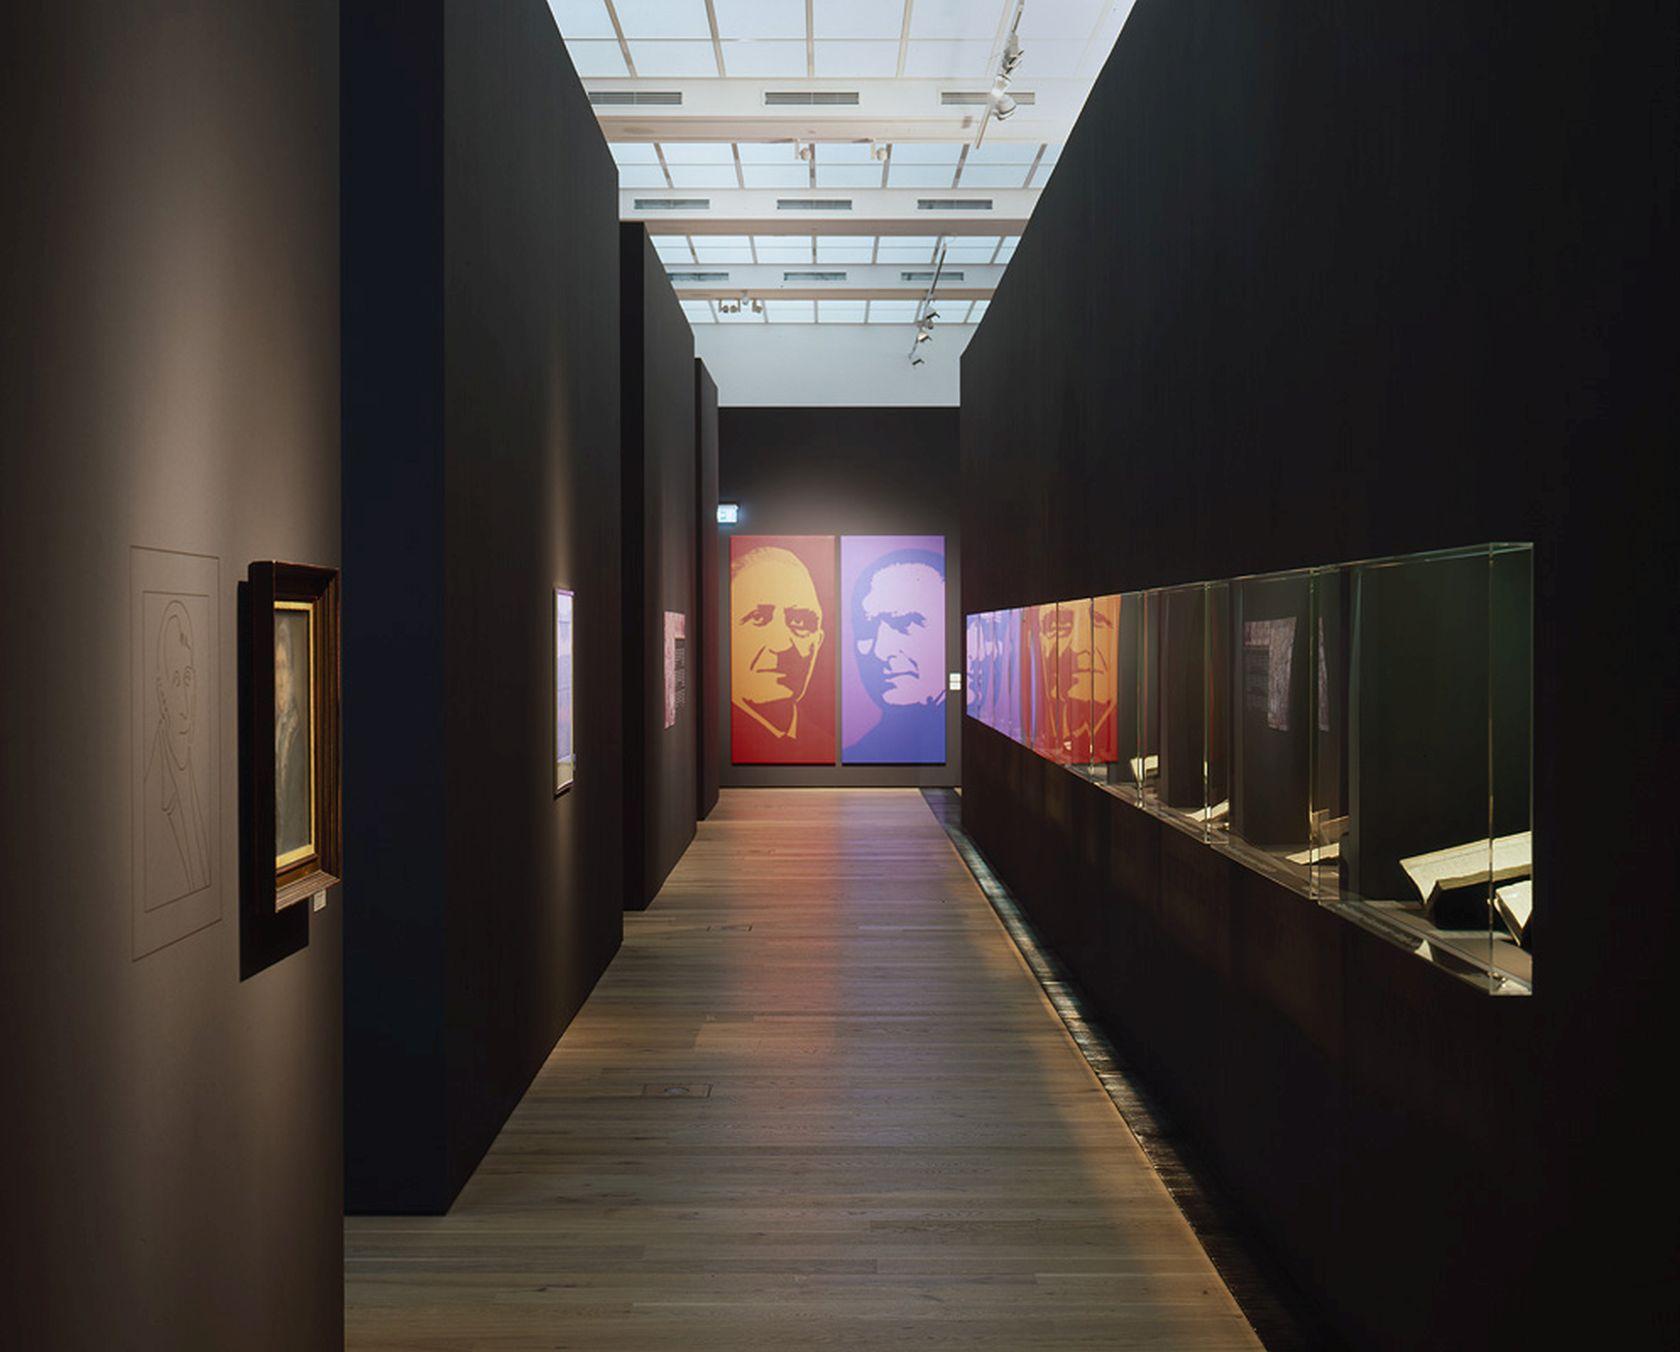 Ausstellung DRAI CLEMENS UND AUGUST-005